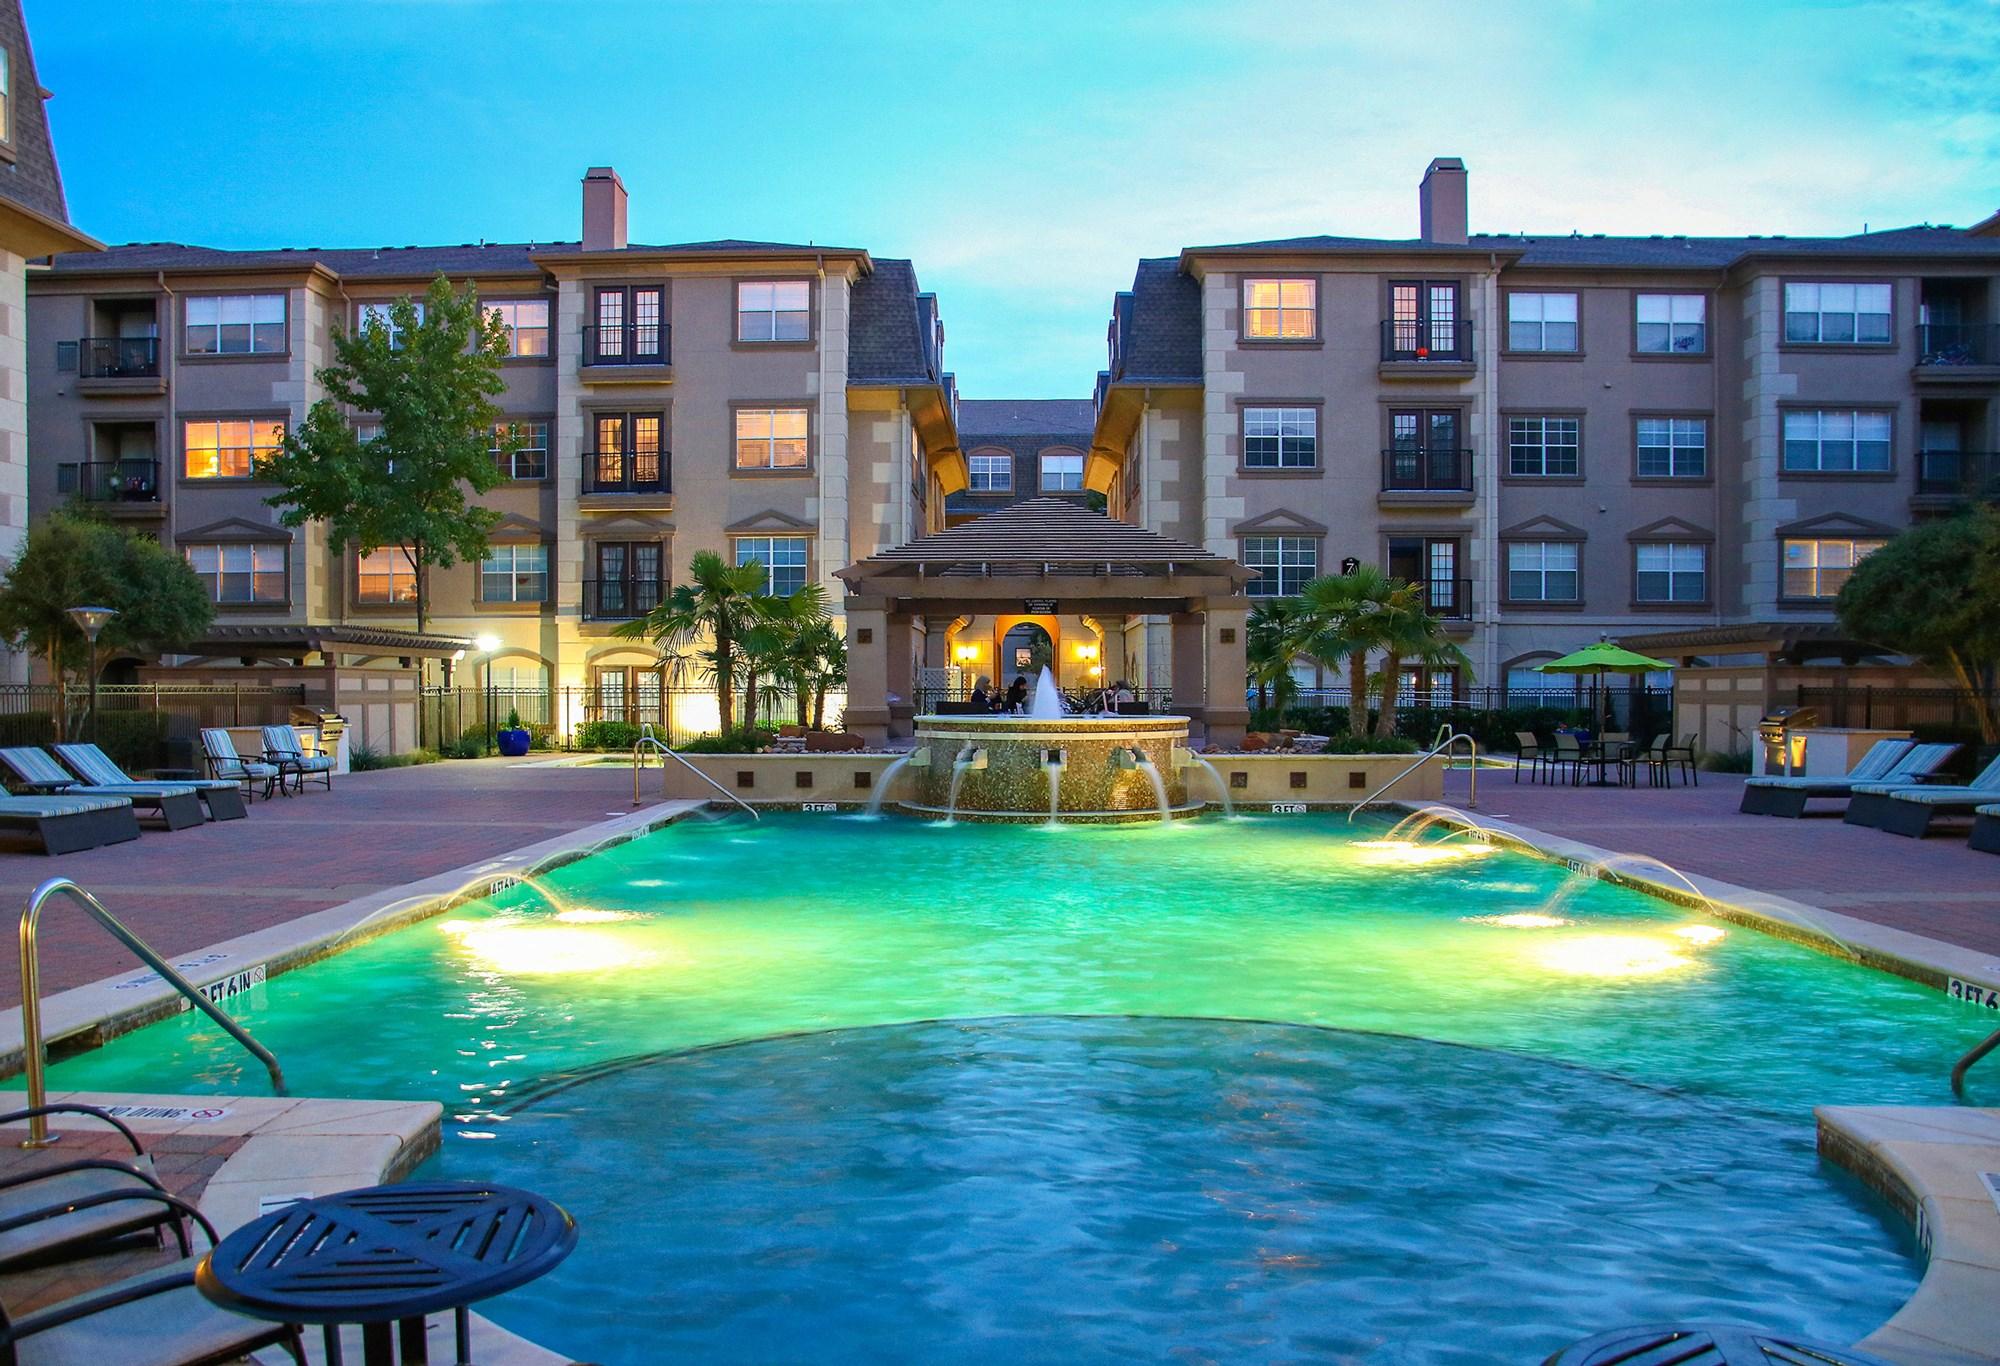 Swimming Pool at Night at 7900 at Park Central Apartments in Dallas, TX